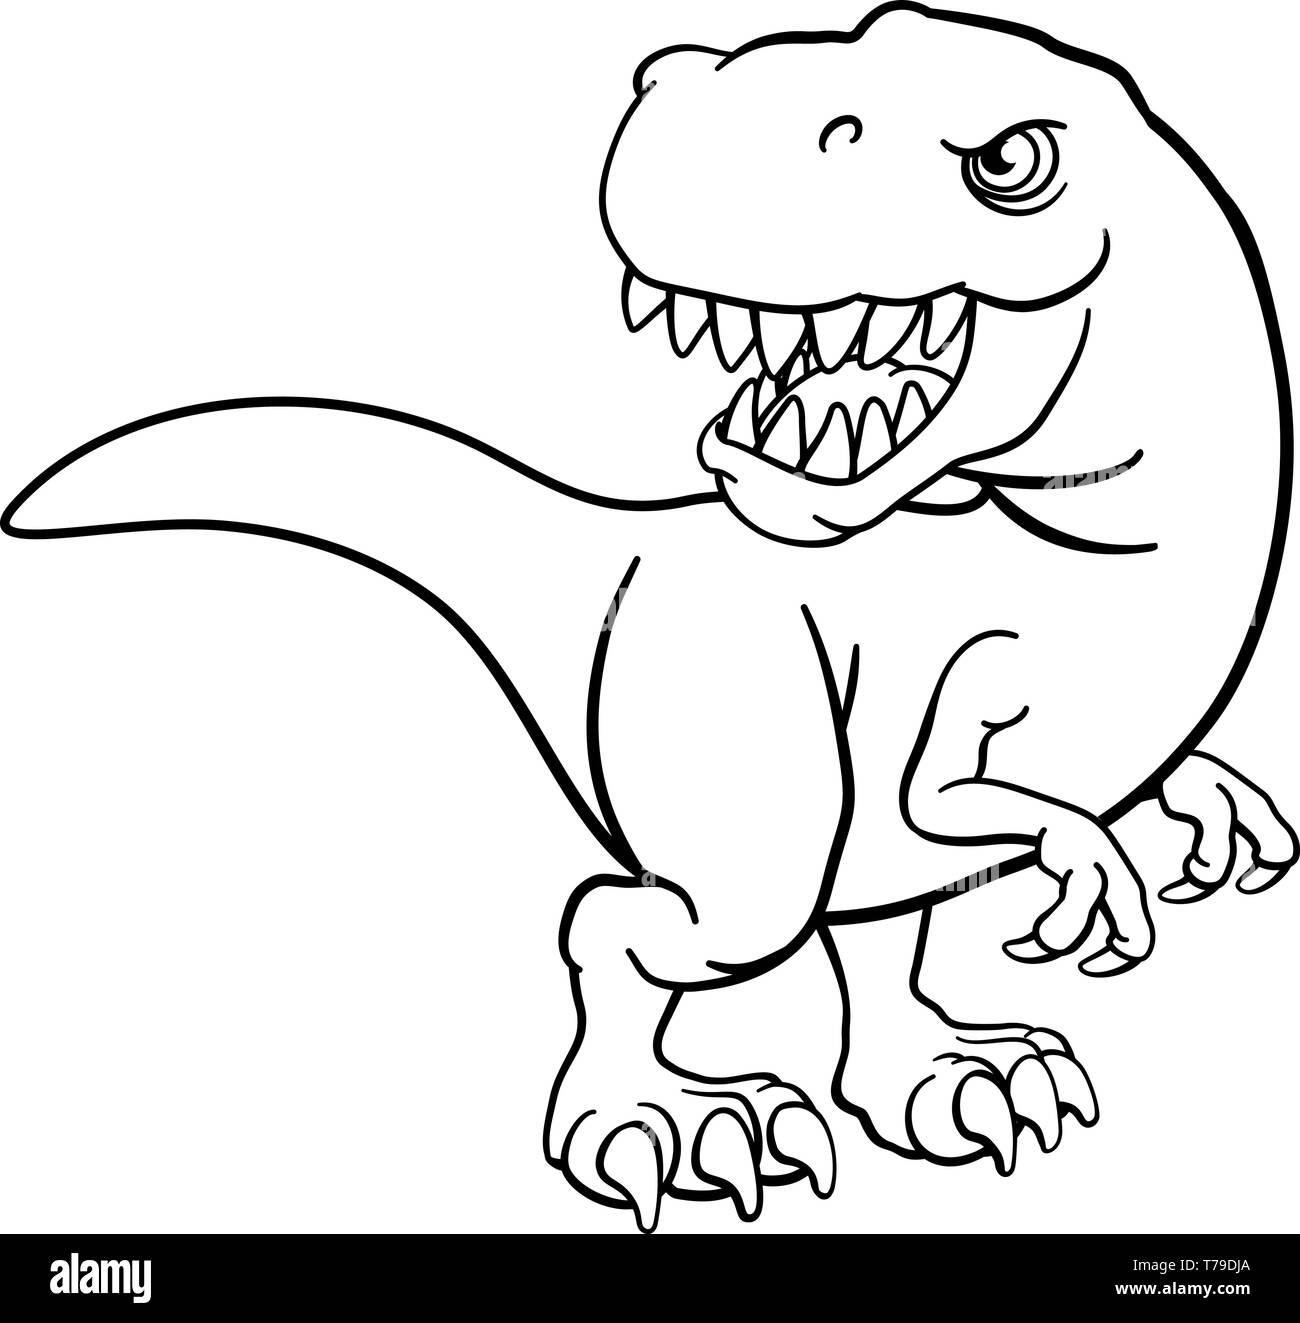 Tyrannosaurus Rex Dinosaurio T Personaje De Dibujos Animados Imagen Vector De Stock Alamy Los dinosaurios (dinosauria, del griego δεινός deinos 'terrible' y σαῦρος sauros 'lagarto': https www alamy es tyrannosaurus rex dinosaurio t personaje de dibujos animados image245456018 html